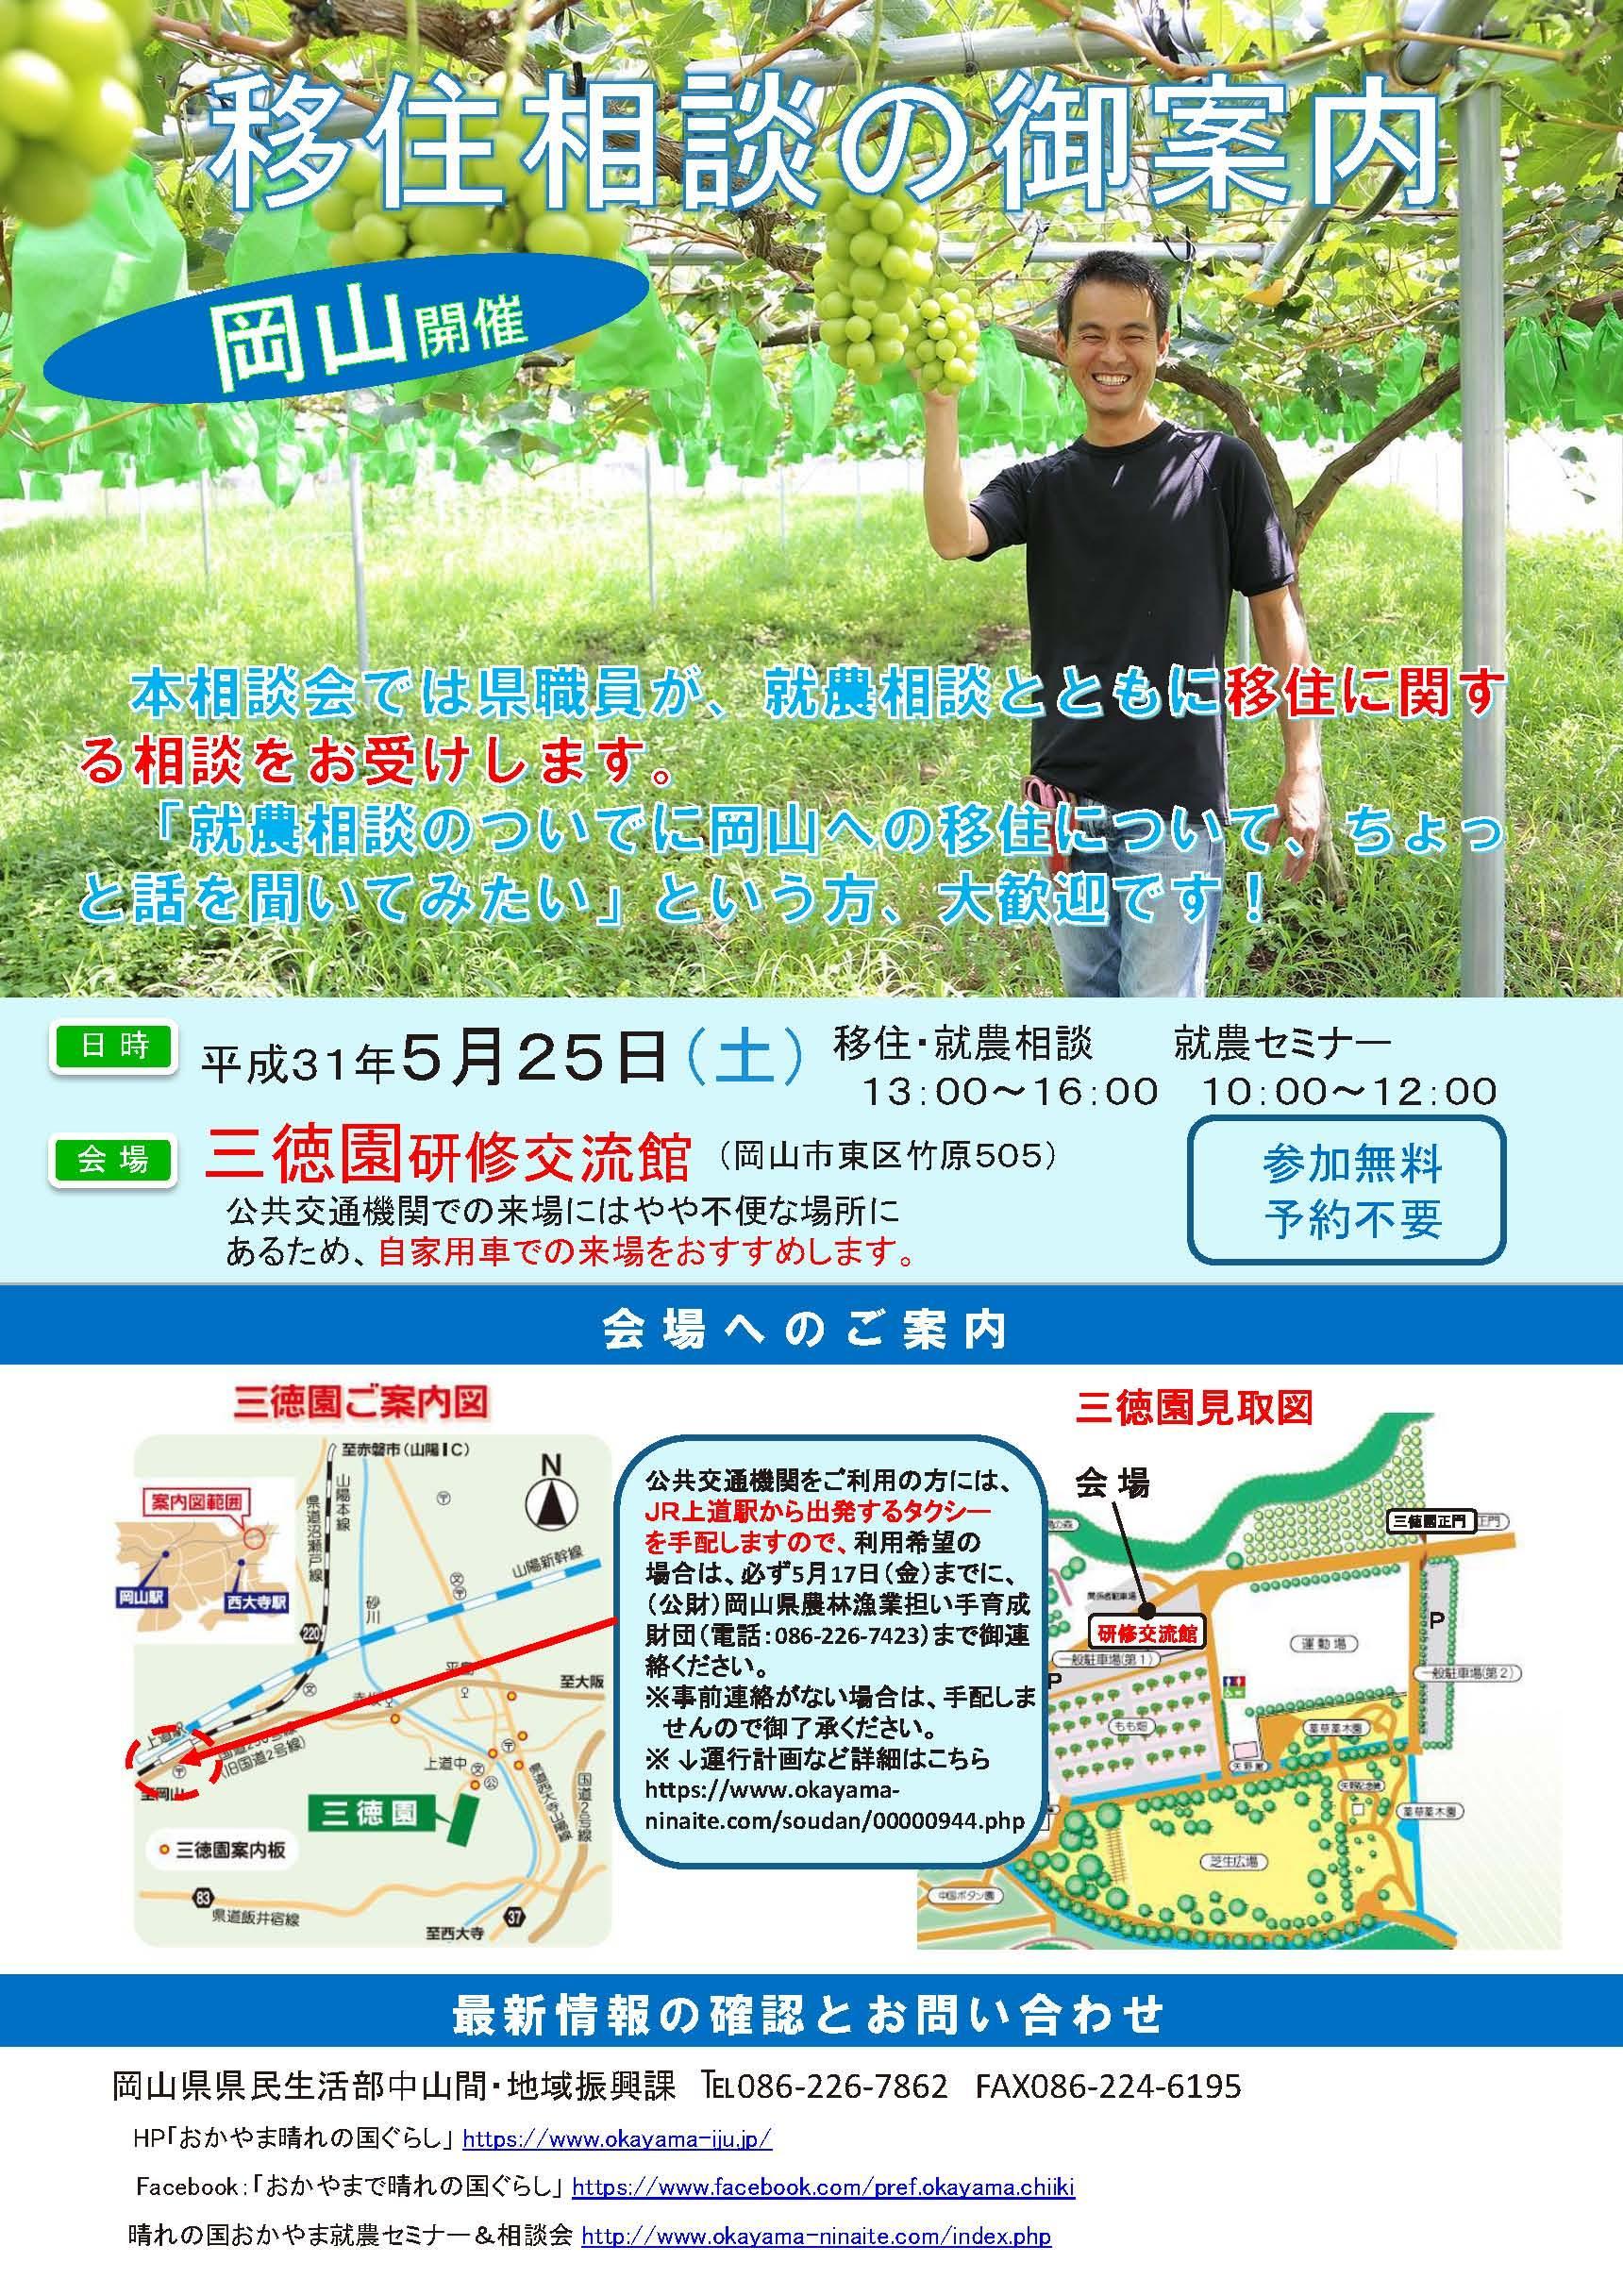 【岡山】晴れの国おかやま就農セミナー&相談会で移住相談